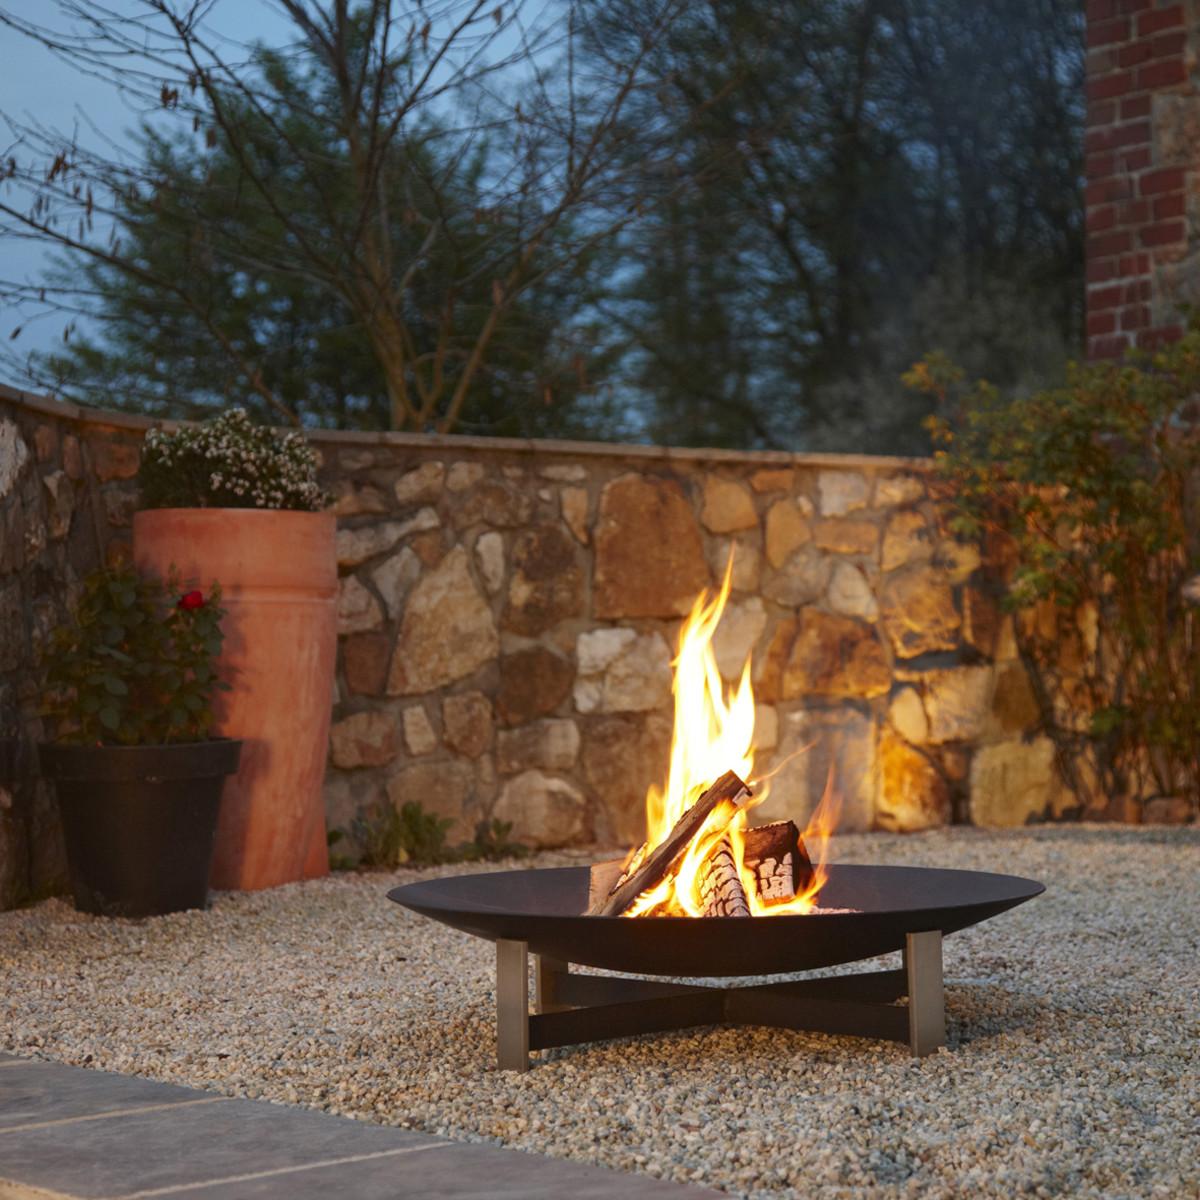 Feuerstellen Garten: Artepuro ® Feuerstelle 'Sunset'